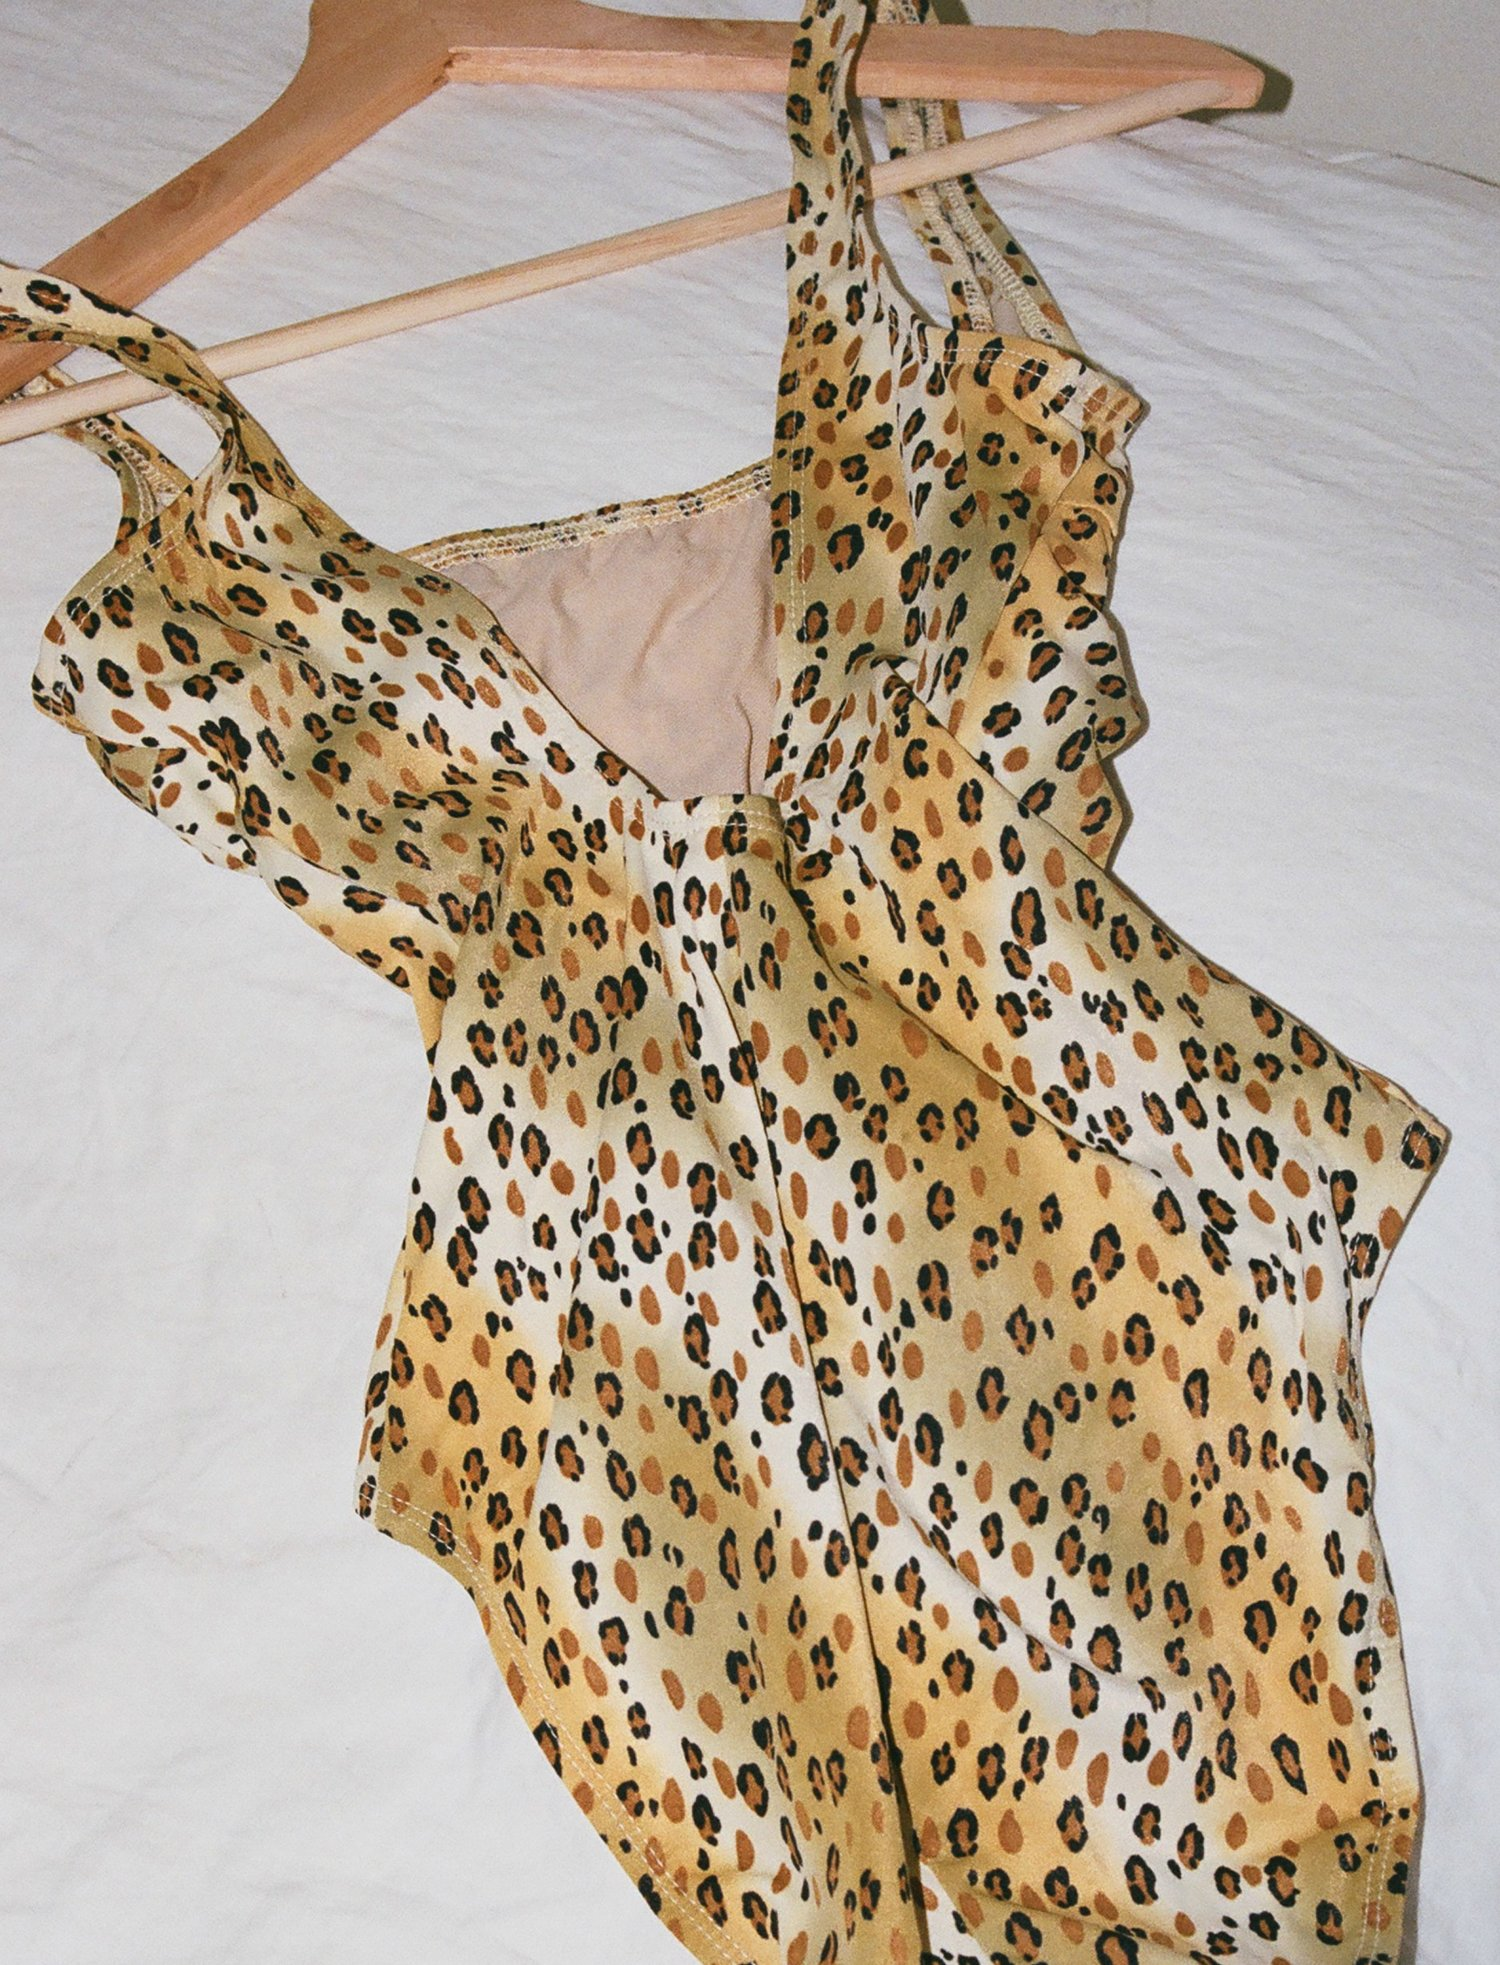 Image via  LuciaZolea.com